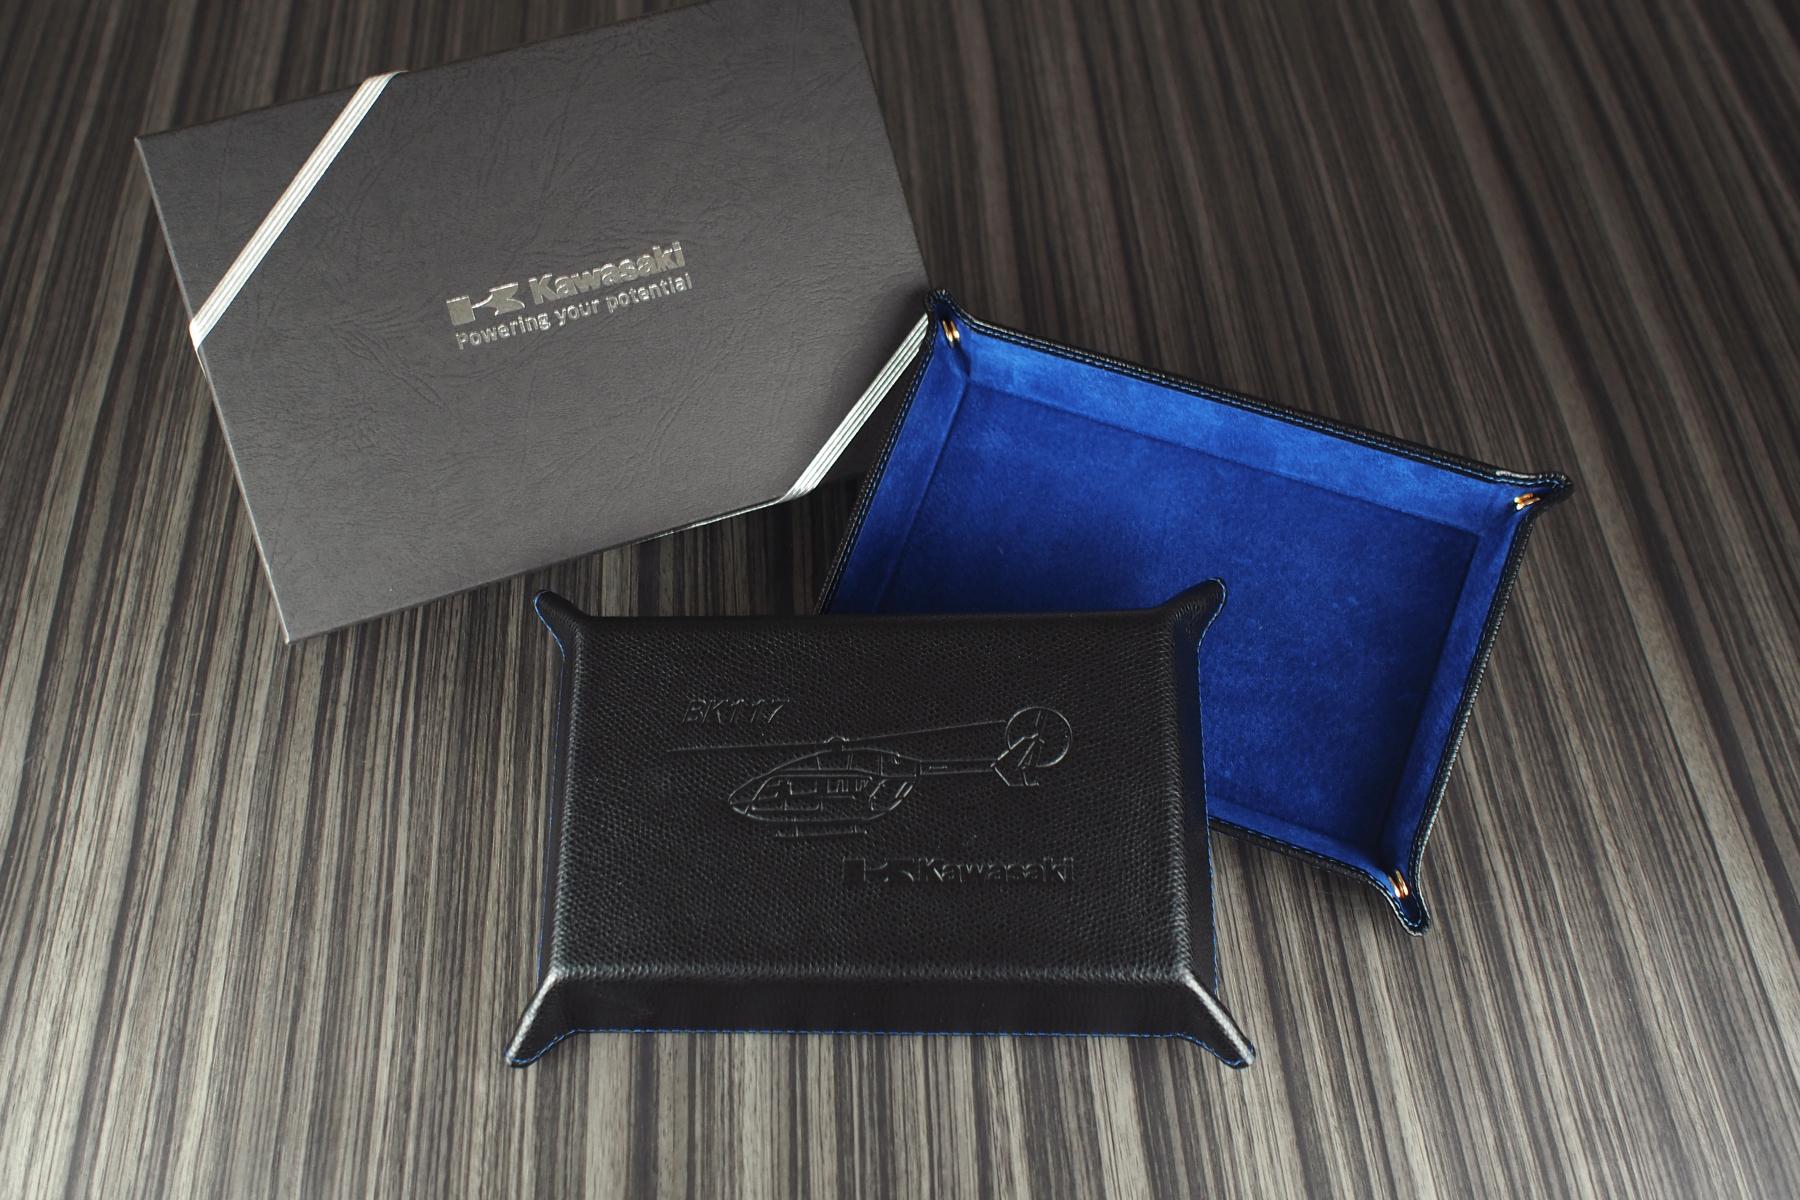 川崎重工業様の名入れ記念品と化粧箱